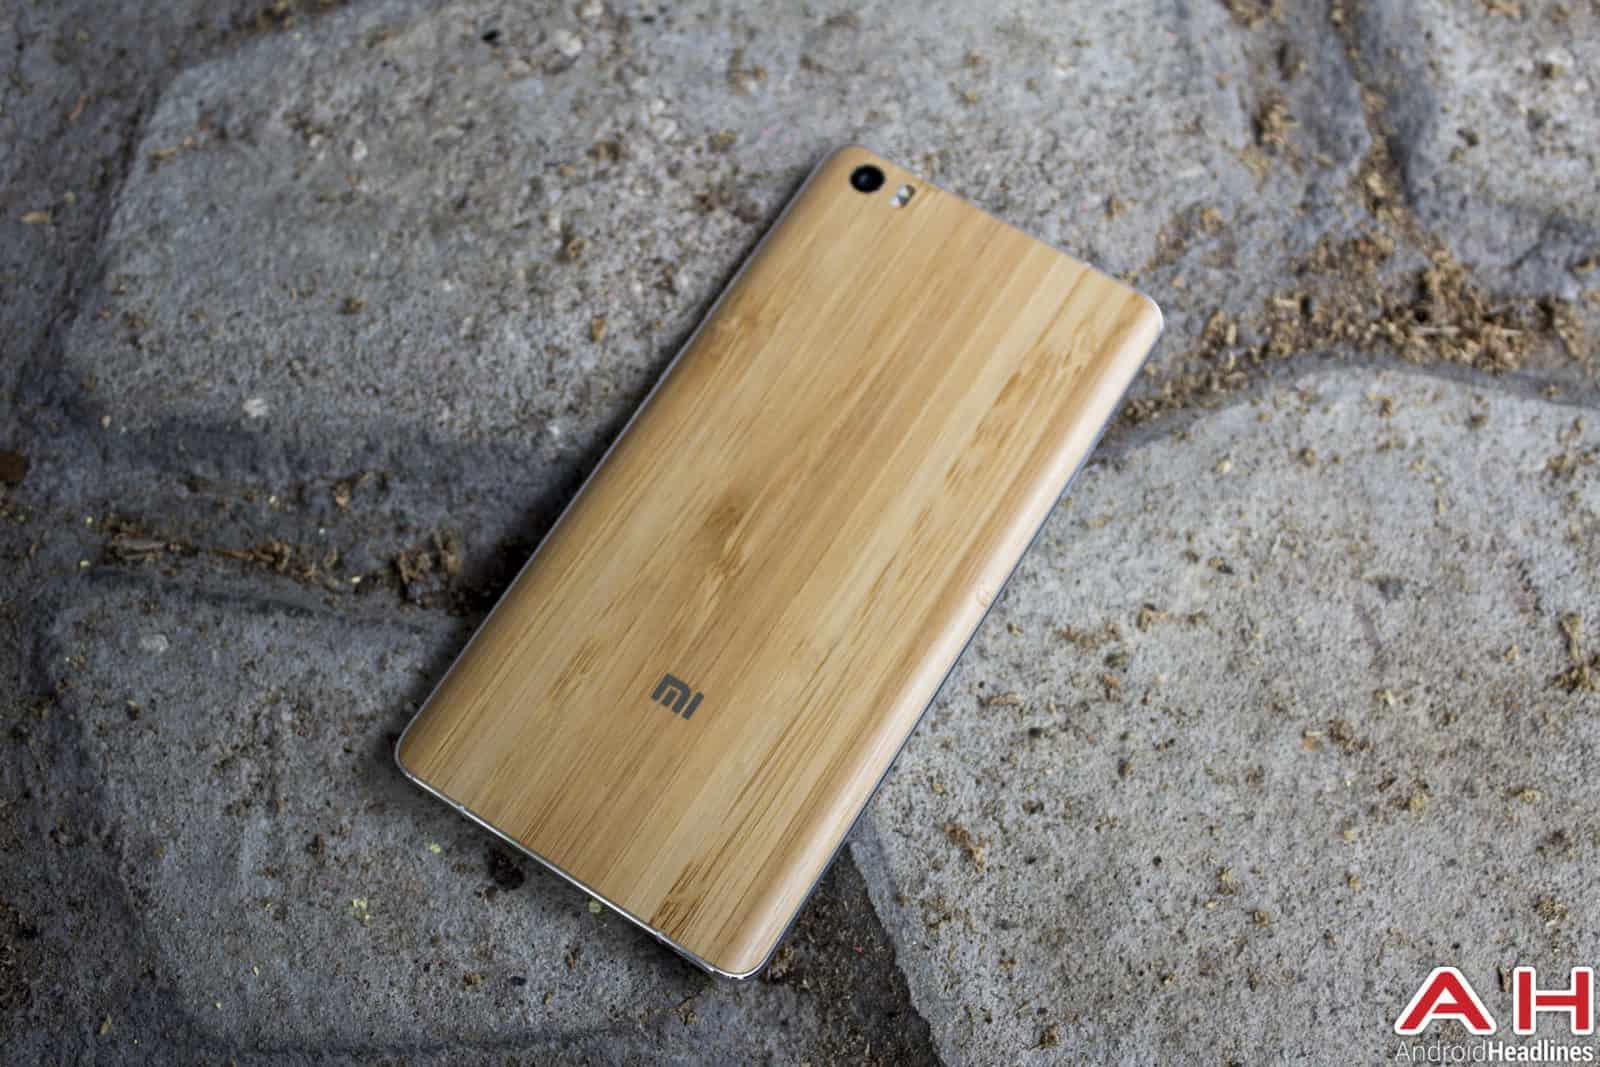 Xiaomi-Mi-Note-Bamboo-11